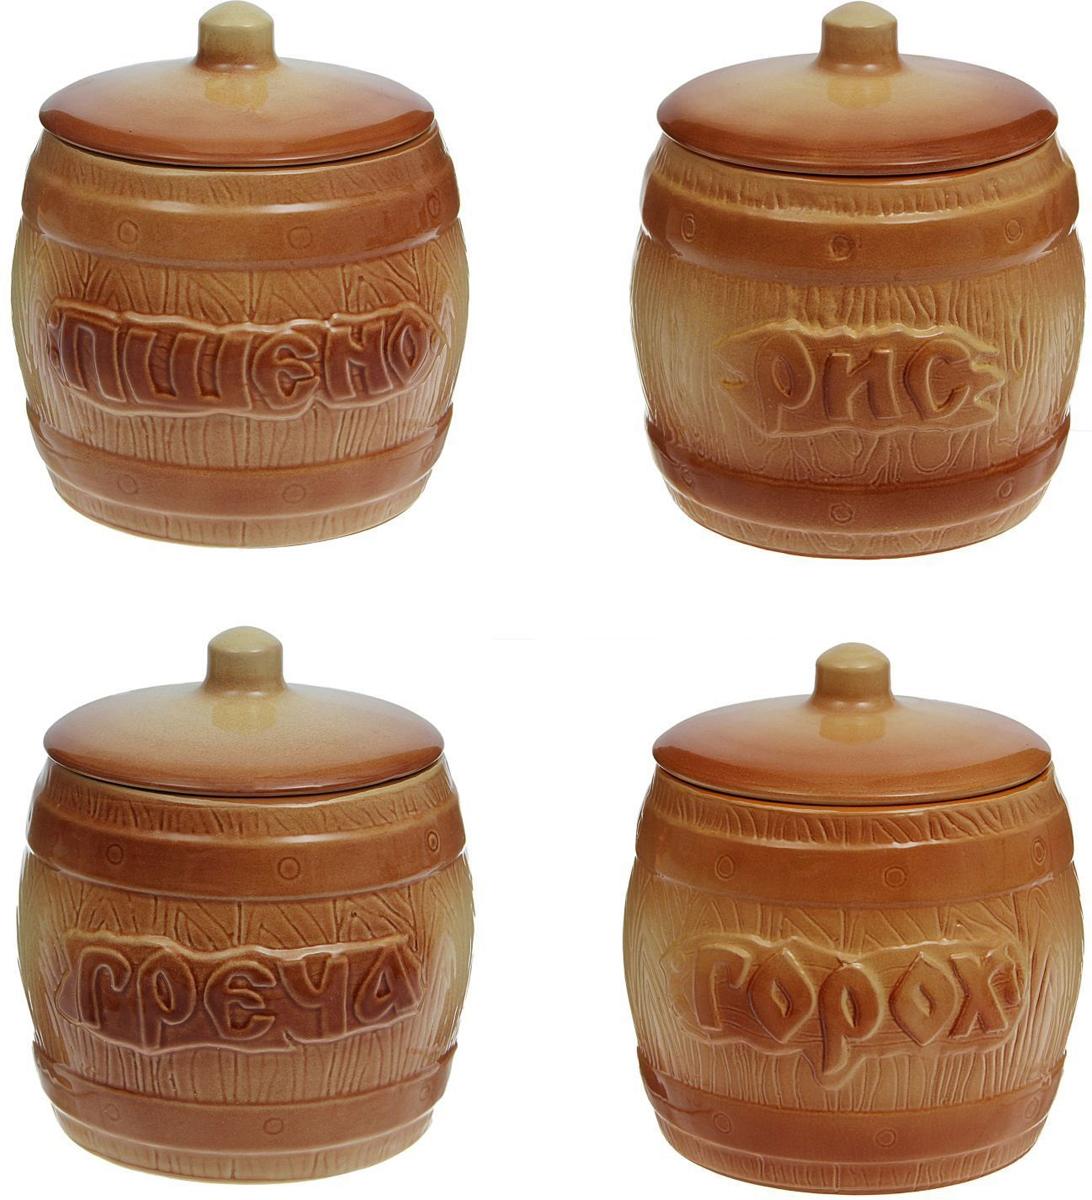 Набор банок для хранения Борисовская керамика Греча+Рис+Пшено+Горох, 1,2 л, 4 шт. ОБЧ00000174ОБЧ00000174Набор банок Борисовская керамика - изящные керамические емкости, предназначенные дляхранения различных круп, чая, кофе и многого другого. Они нужны, чтобы продукты не теряли свойестественный вкус и аромат. Предметы набора декорированыобъемными надписями. Оригинальный дизайн, эстетичность и функциональность набора позволят емустать достойным дополнением к кухонному инвентарю. В наборе 4 банки.